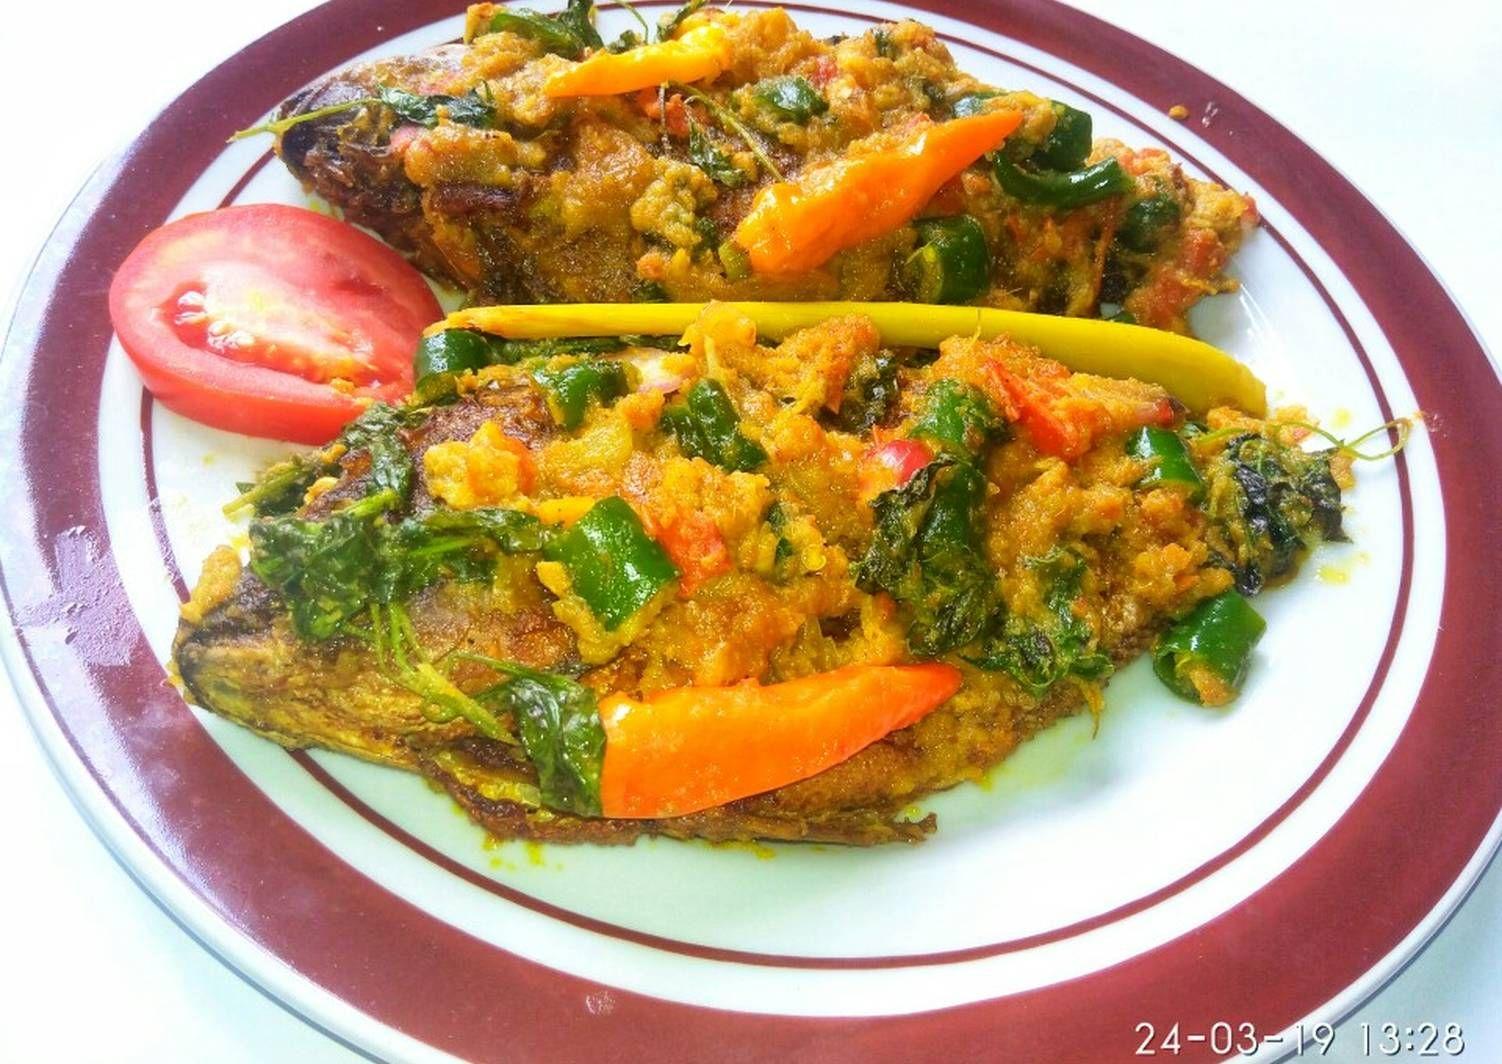 Resep Pesmol Ikan Nila Oleh Atun Mey Resep Lauk Makan Malam Resep Masakan Resep Makanan